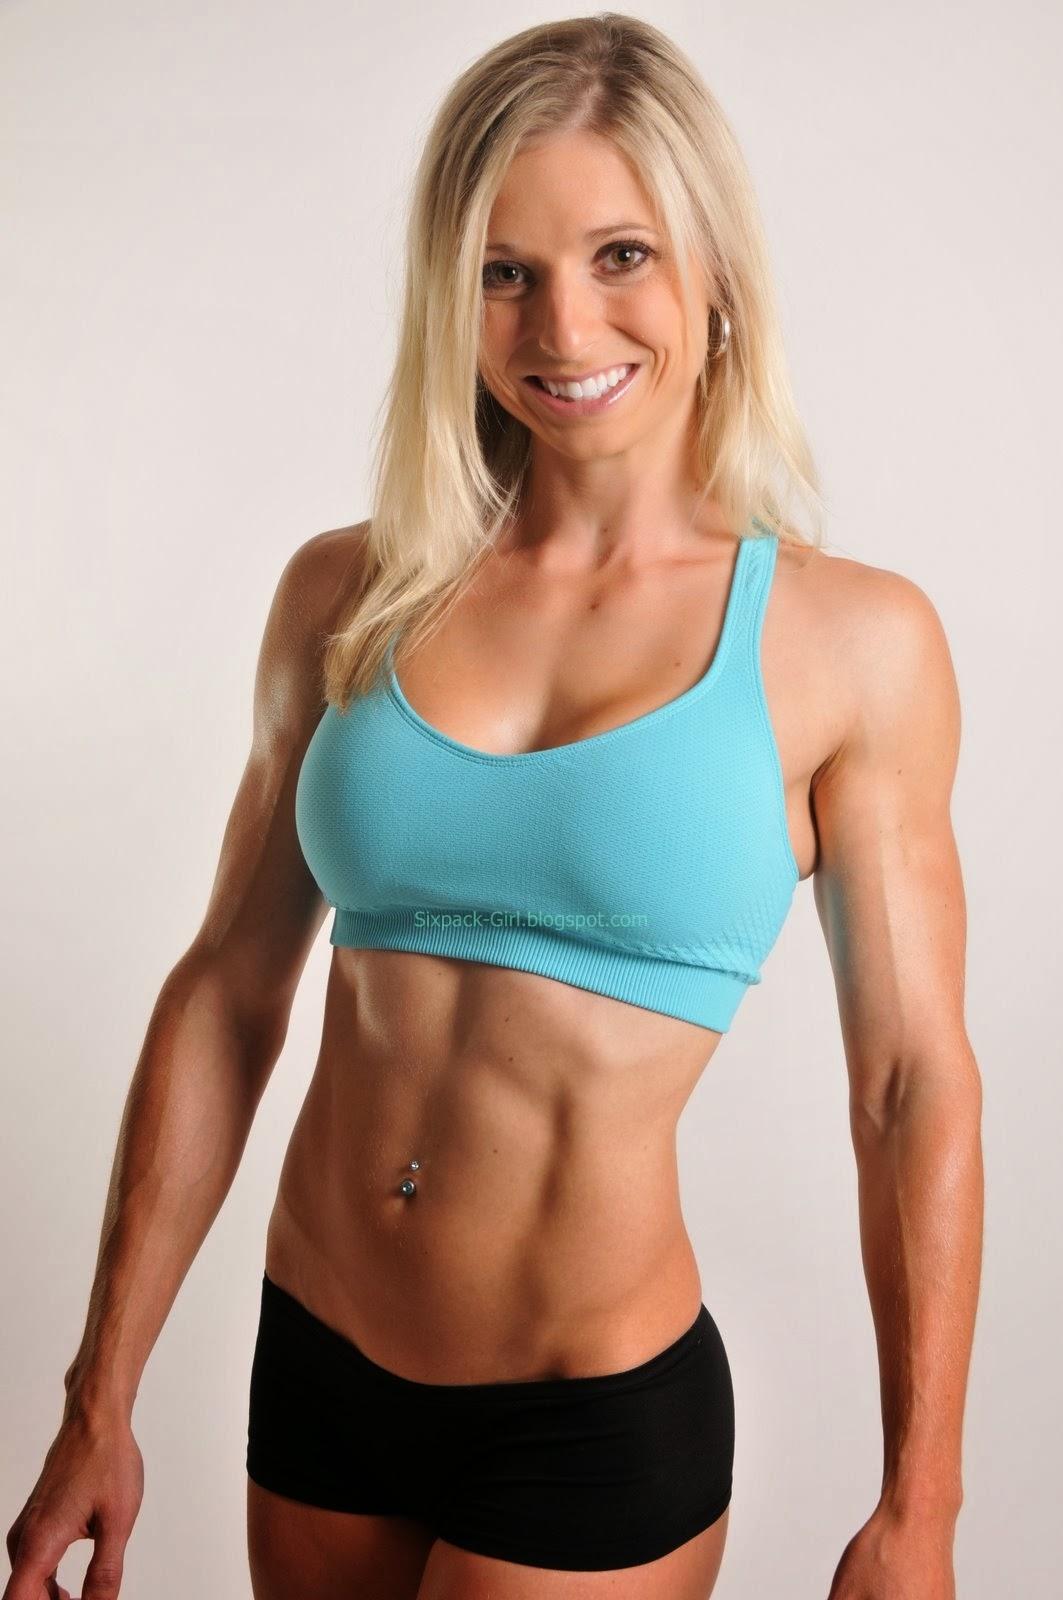 убрать жир с живота упражнения для мужчин